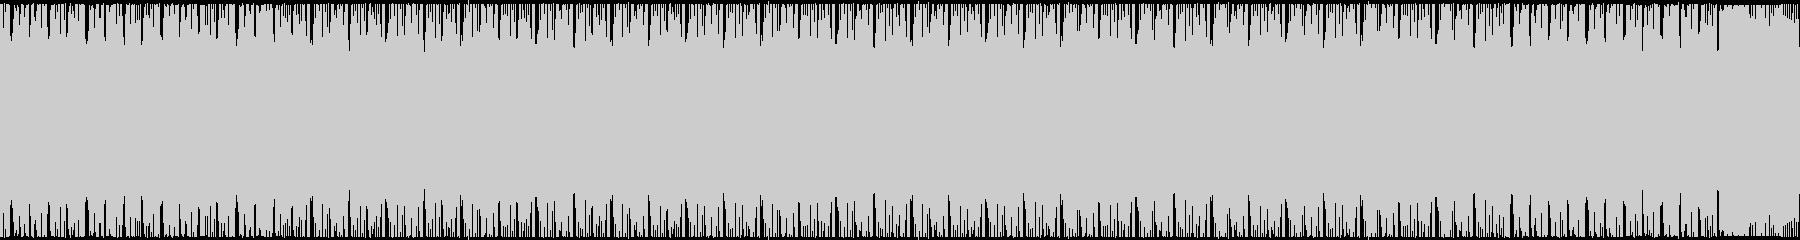 空間系シンセが気持ちいいブレイクビーツの未再生の波形